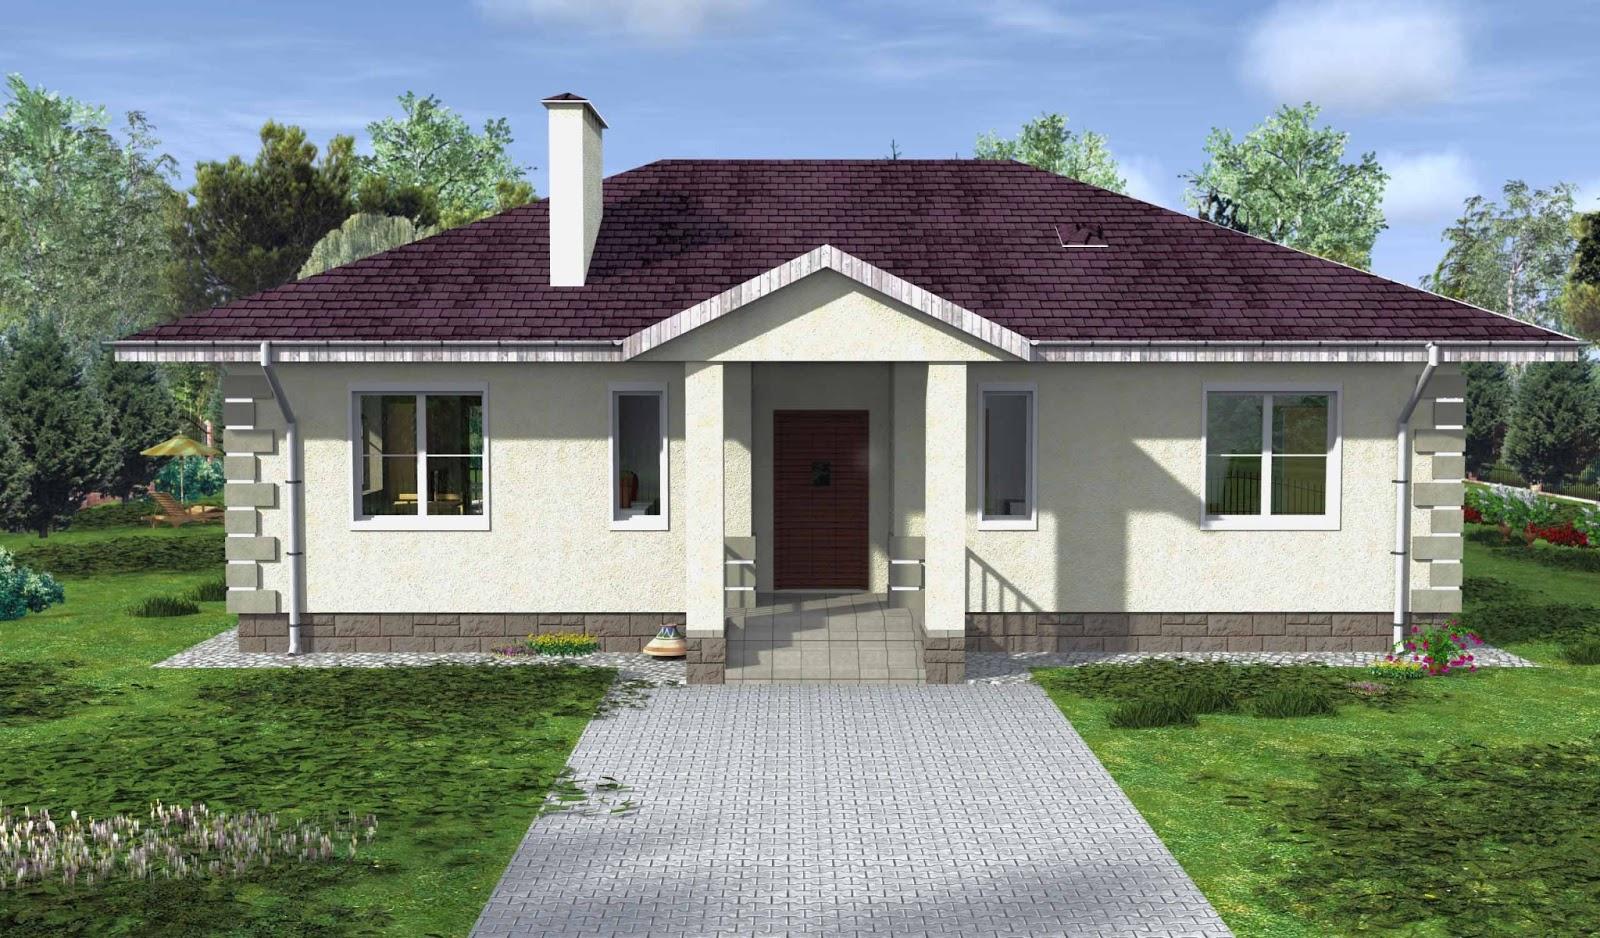 Проекты домов 7 на 7: особенности, варианты планировки, цены, фото